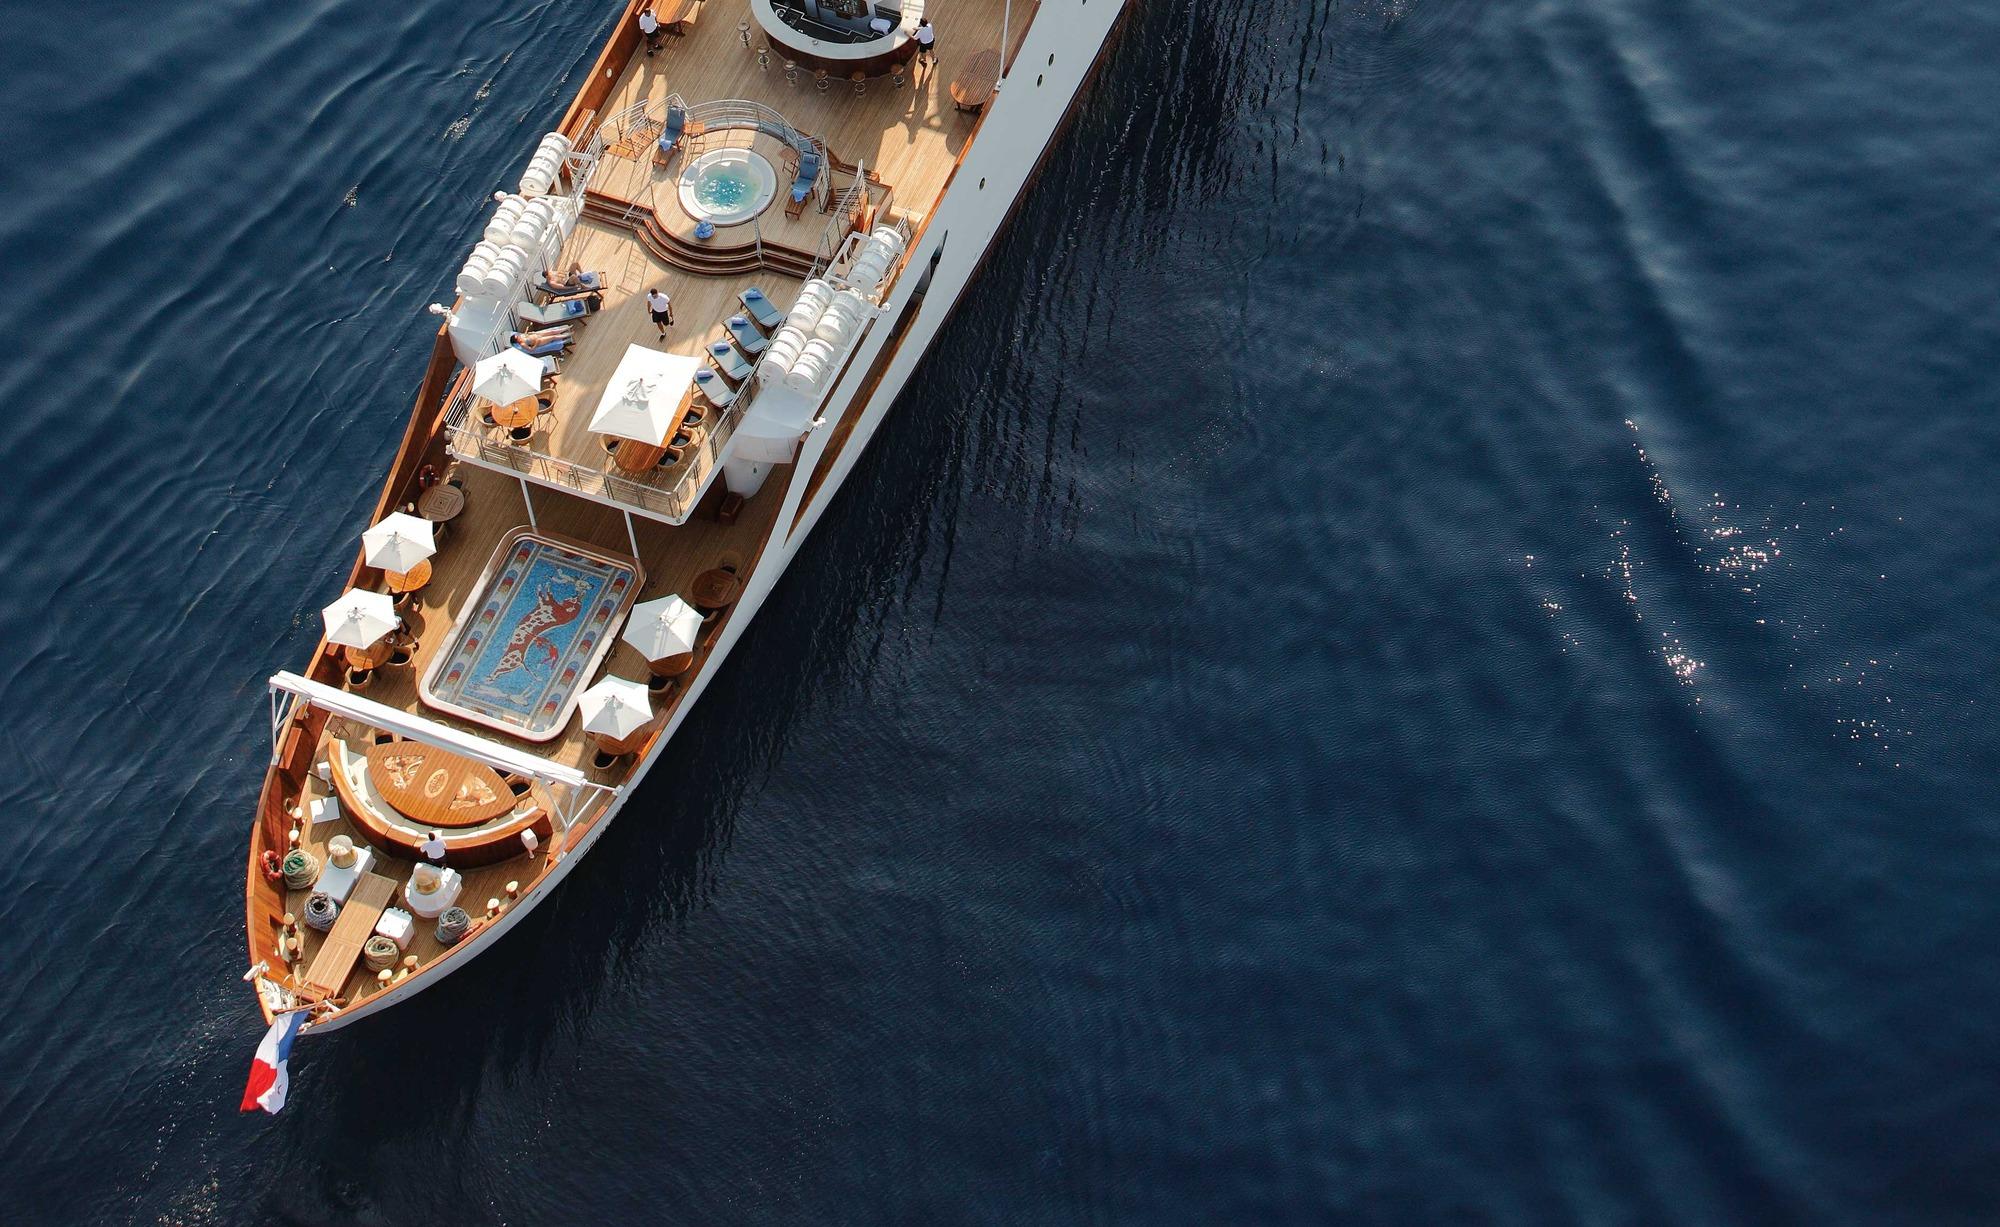 Alquiler de yates en América. Alquiler de barcos en América. Yates de lujo de alquiler